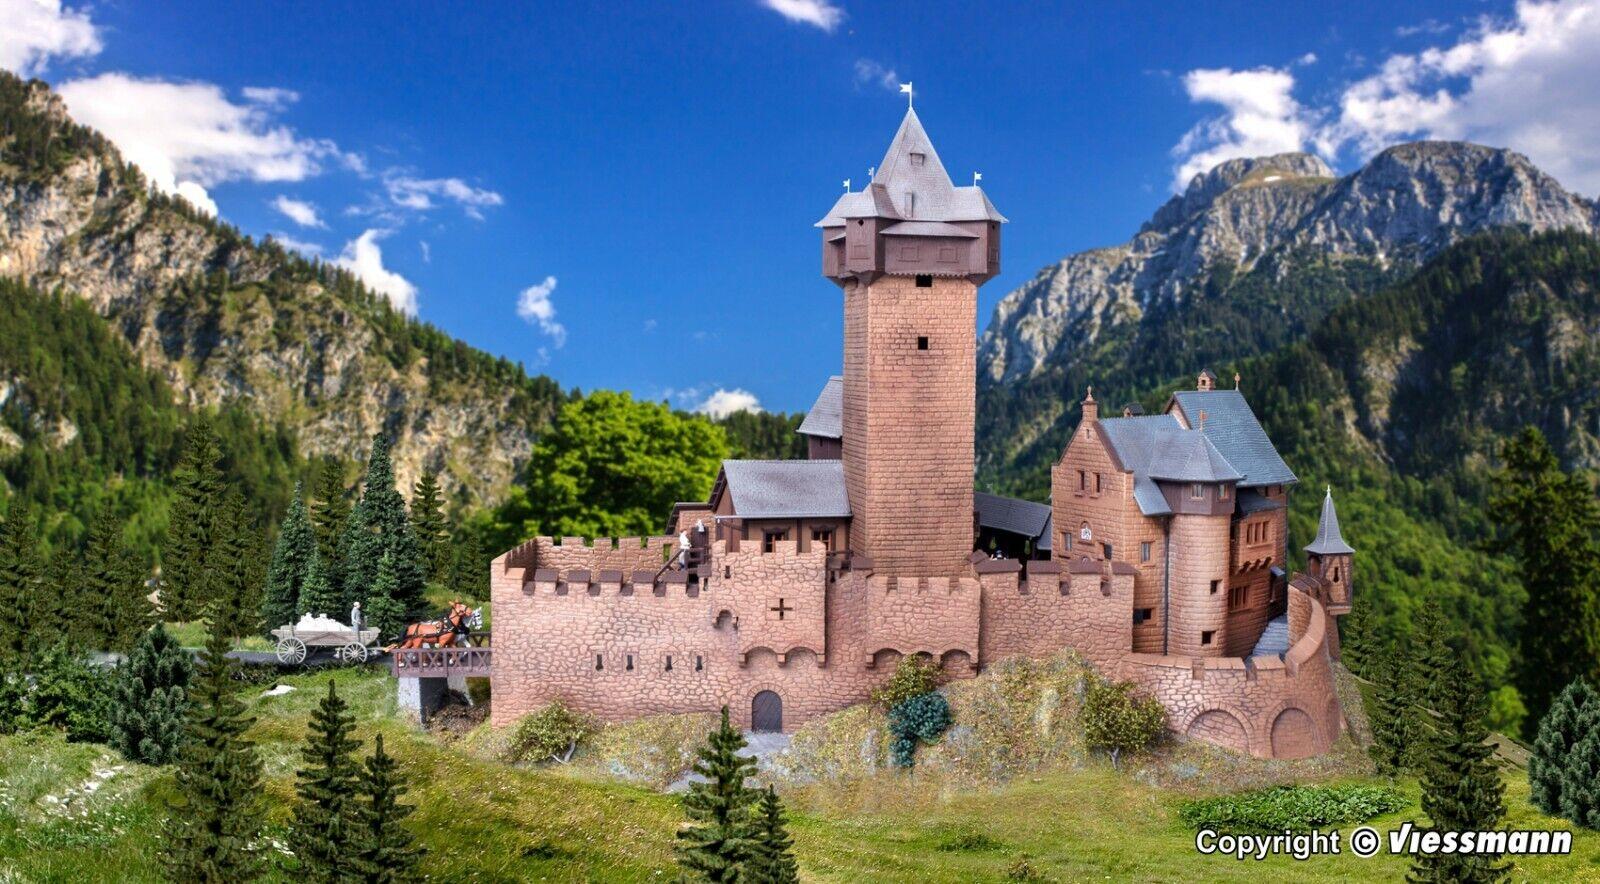 H0 39010 Kibri castillo de Falkenstein en Cocheintia nuevo embalaje original